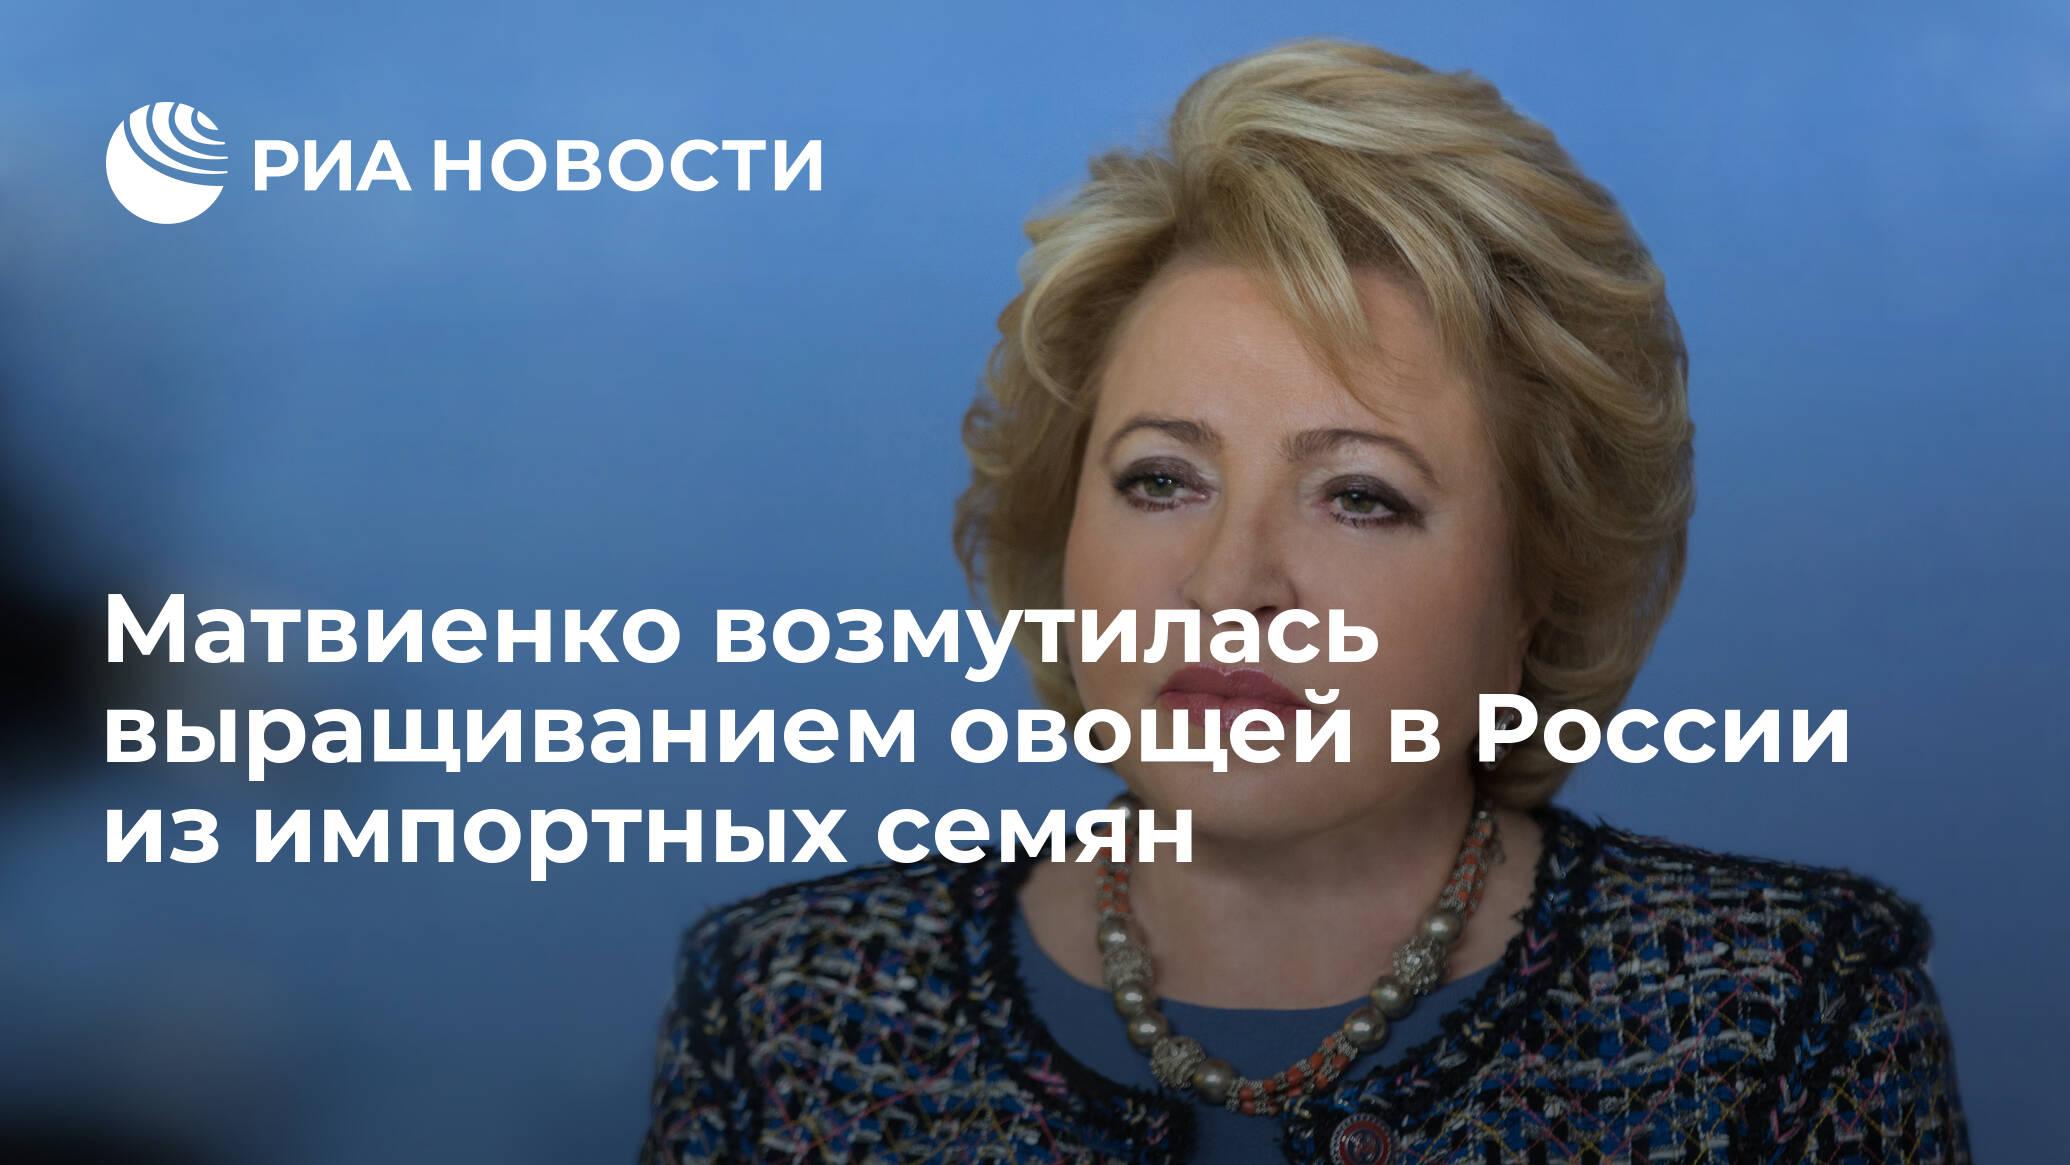 Матвиенко возмутилась выращиванием овощей в России из импортных семян